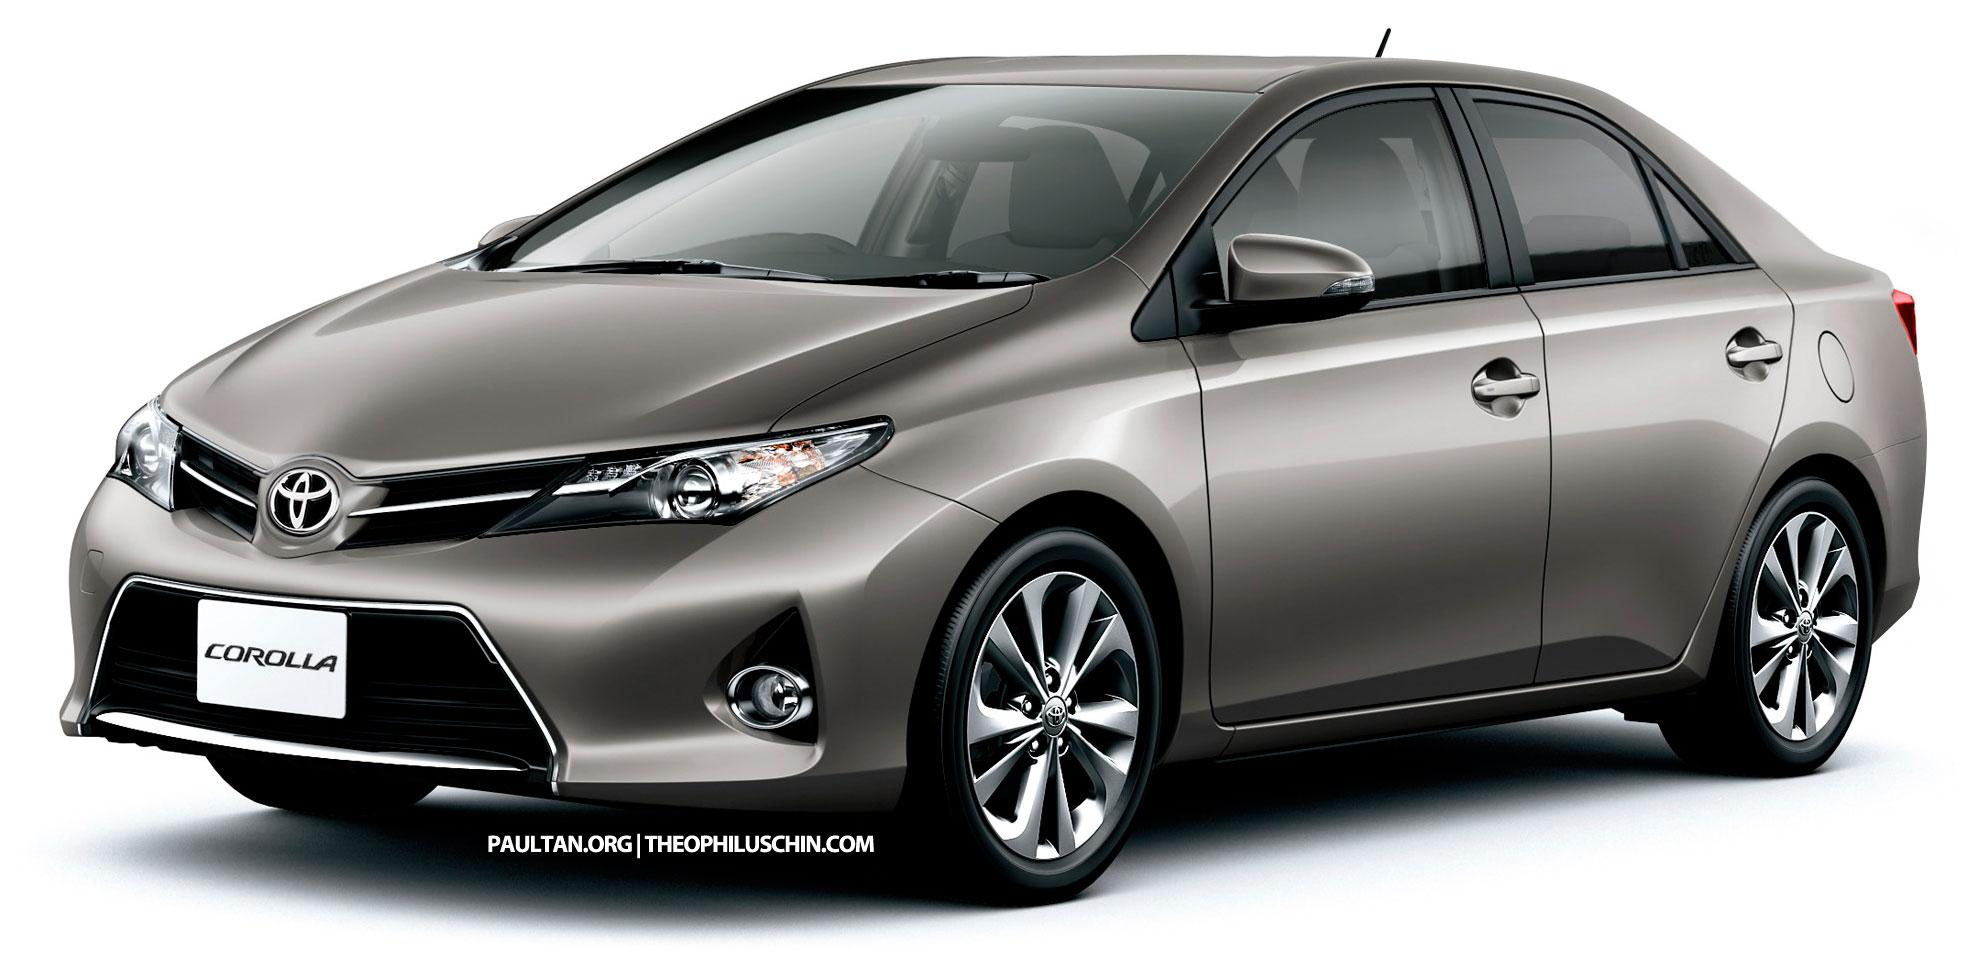 Toyota Corolla Altis Photos Reviews News Specs Buy Car